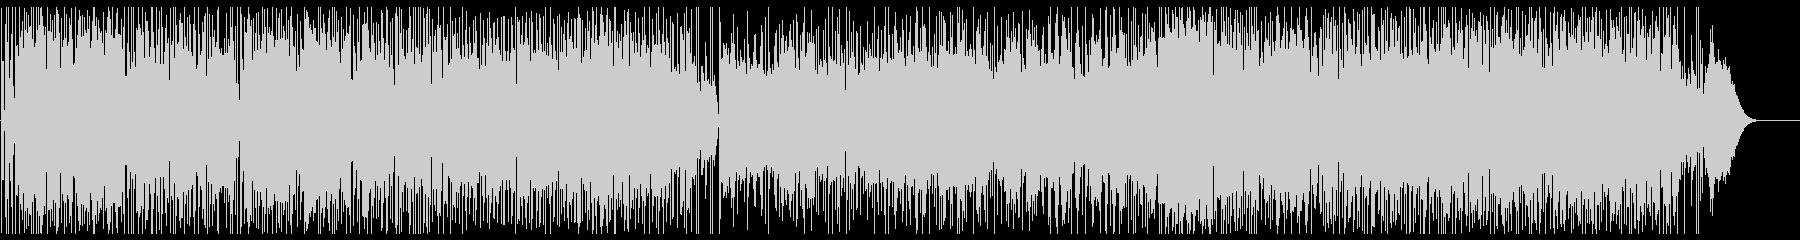 チェロメインのレトロポップスの未再生の波形